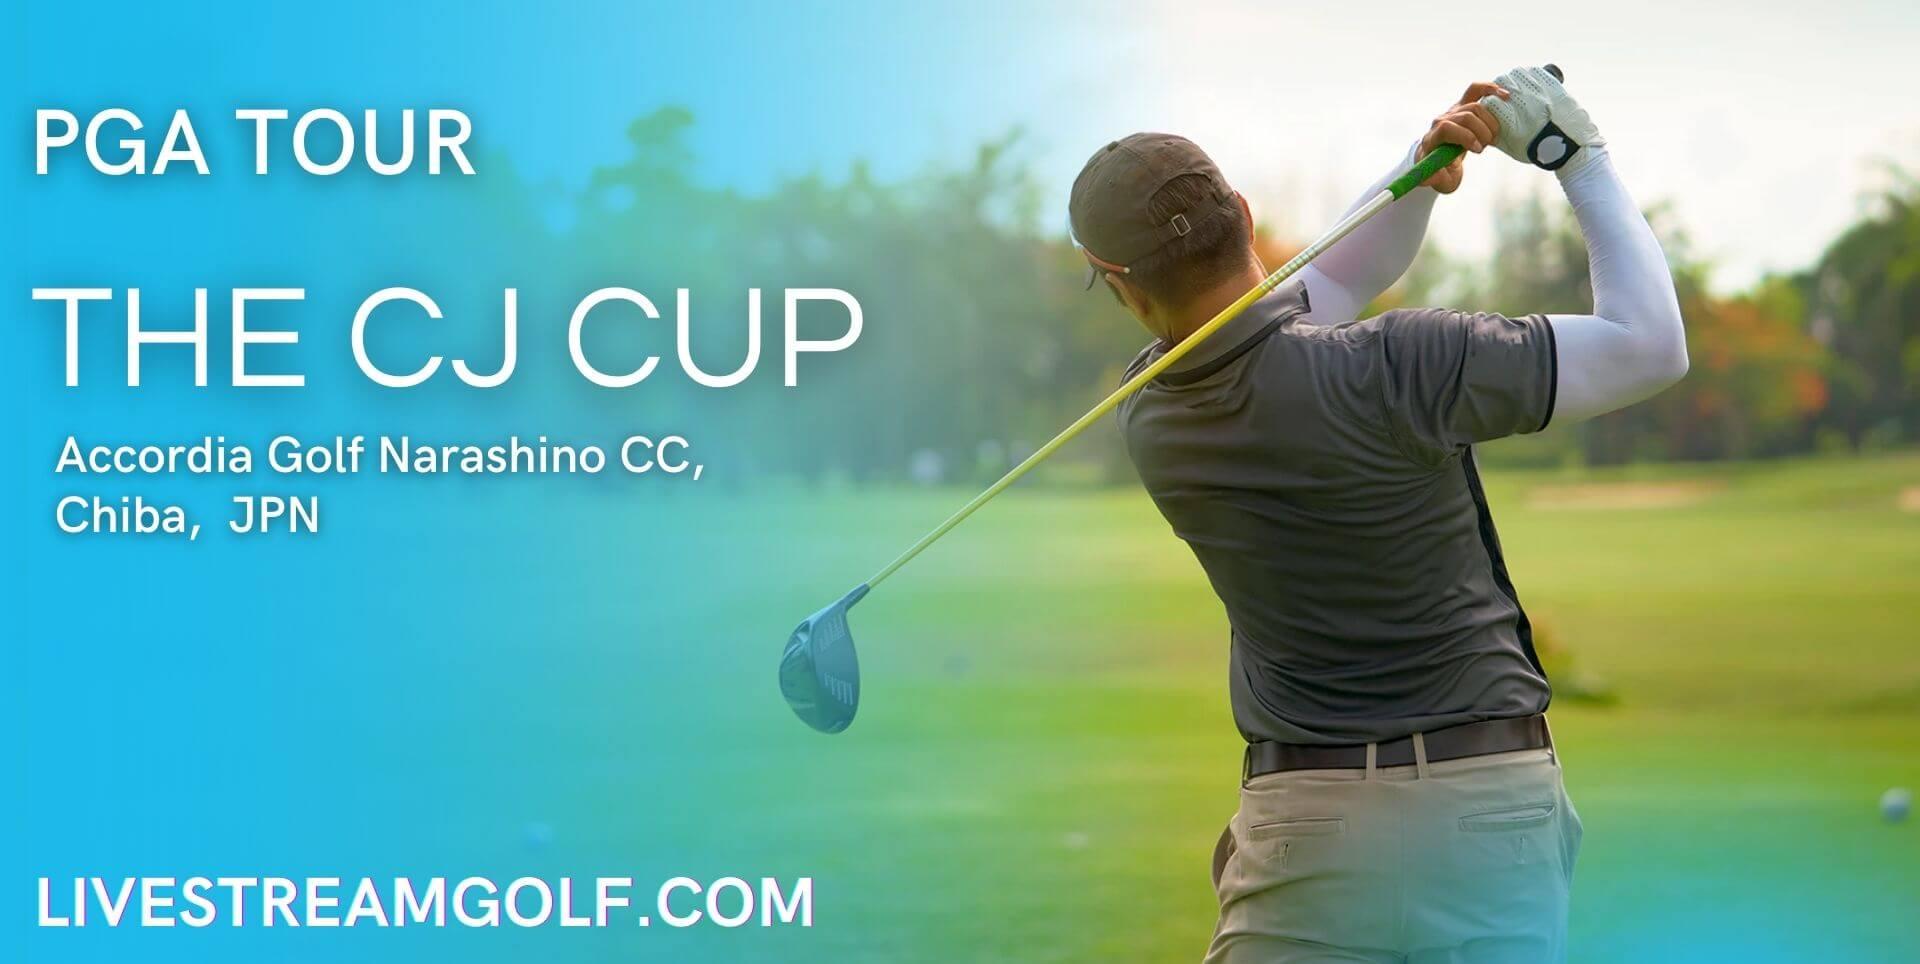 THE CJ CUP Rd 4 Live Stream: PGA Tour 2021